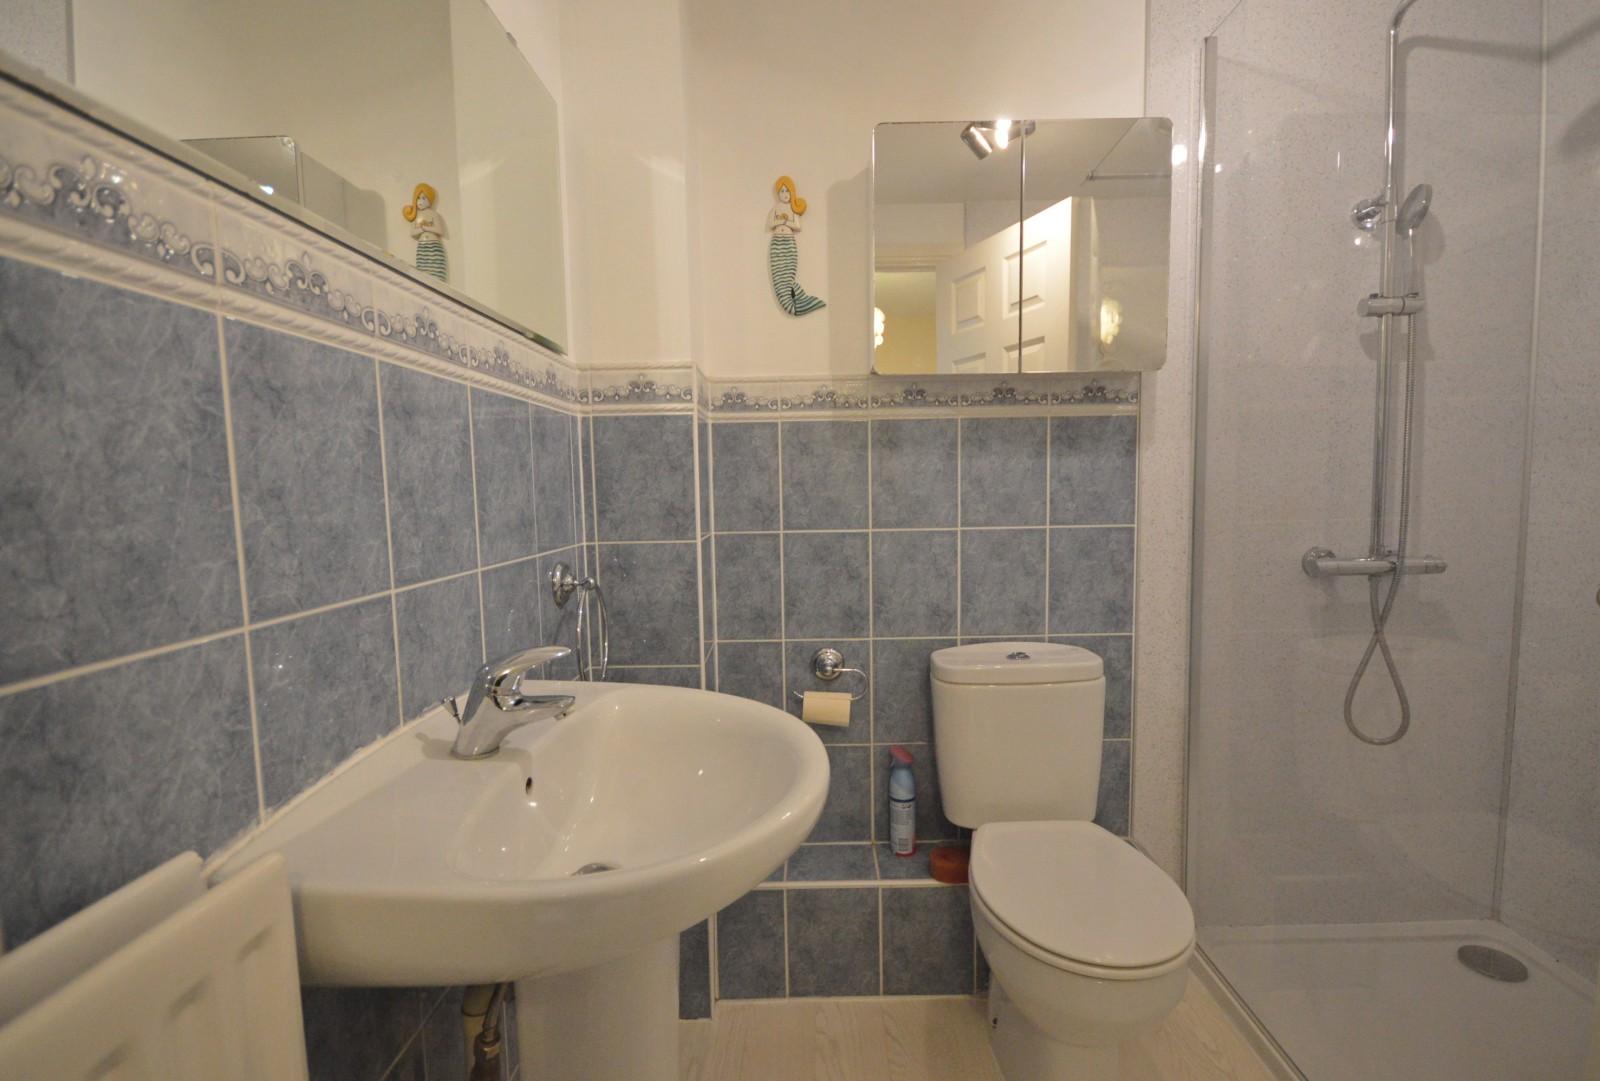 Shower Room - House in Billingshurst